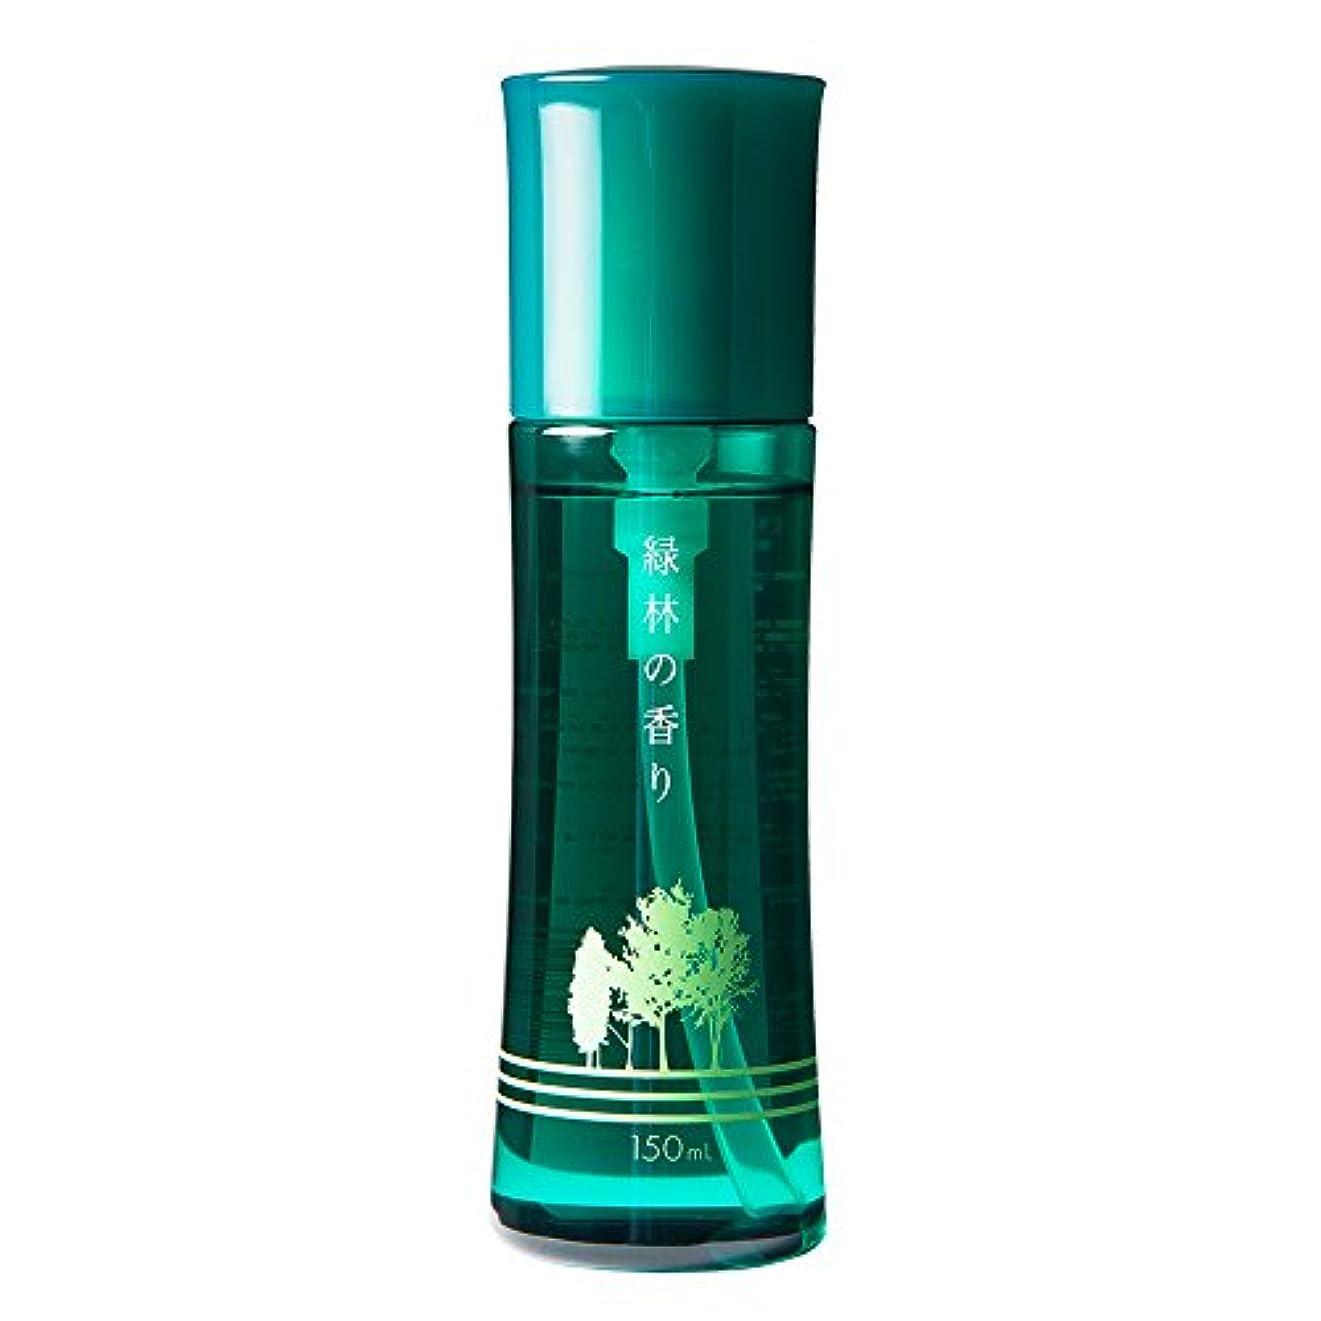 フォロー抹消公園芳香剤「緑林の香り(みどりの香り)」150mL 日本予防医薬